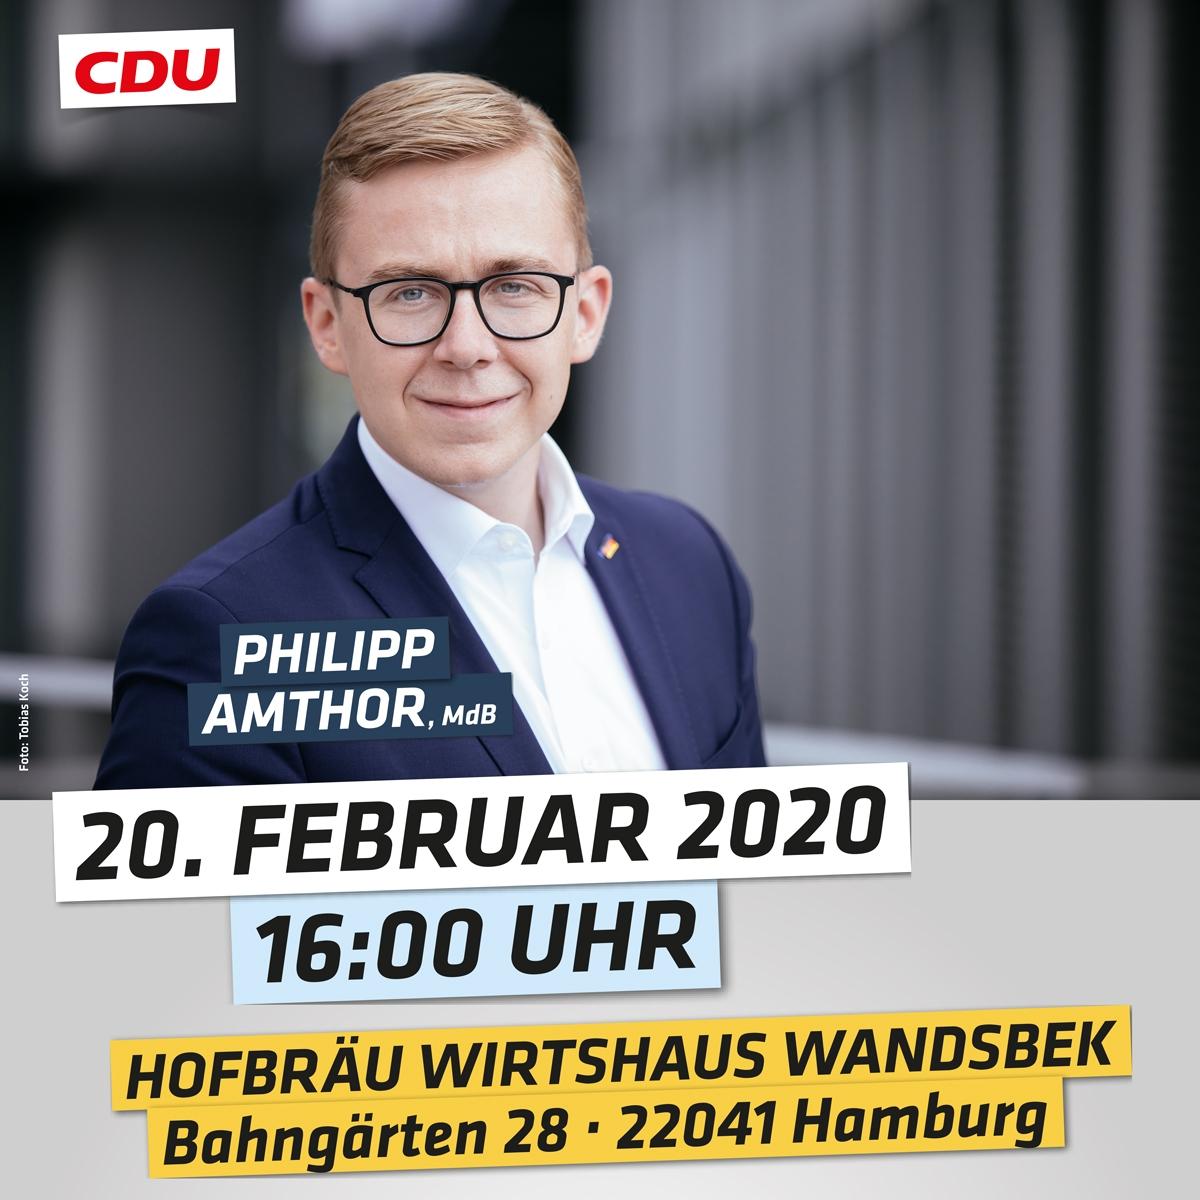 Philipp Amthor, MdB